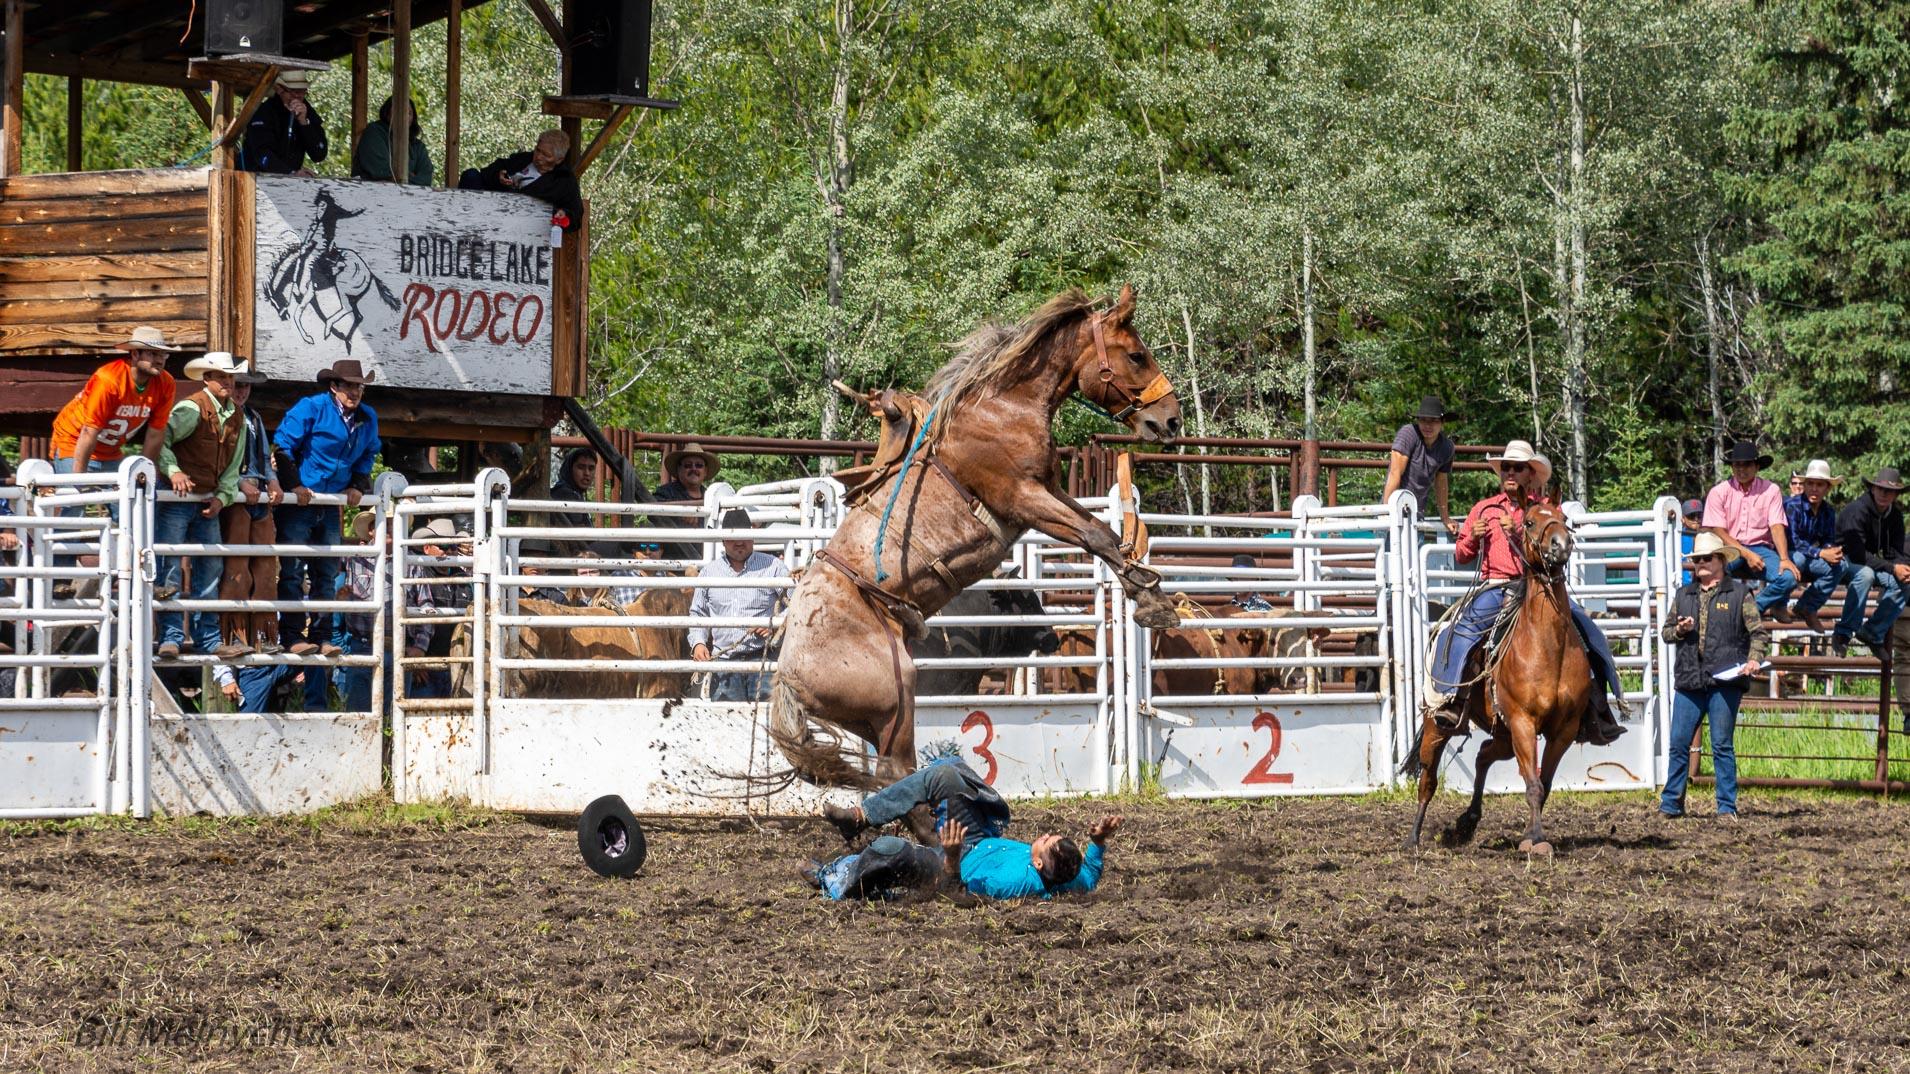 Rodeo_DSC1050-312 - Bill Melnychuk